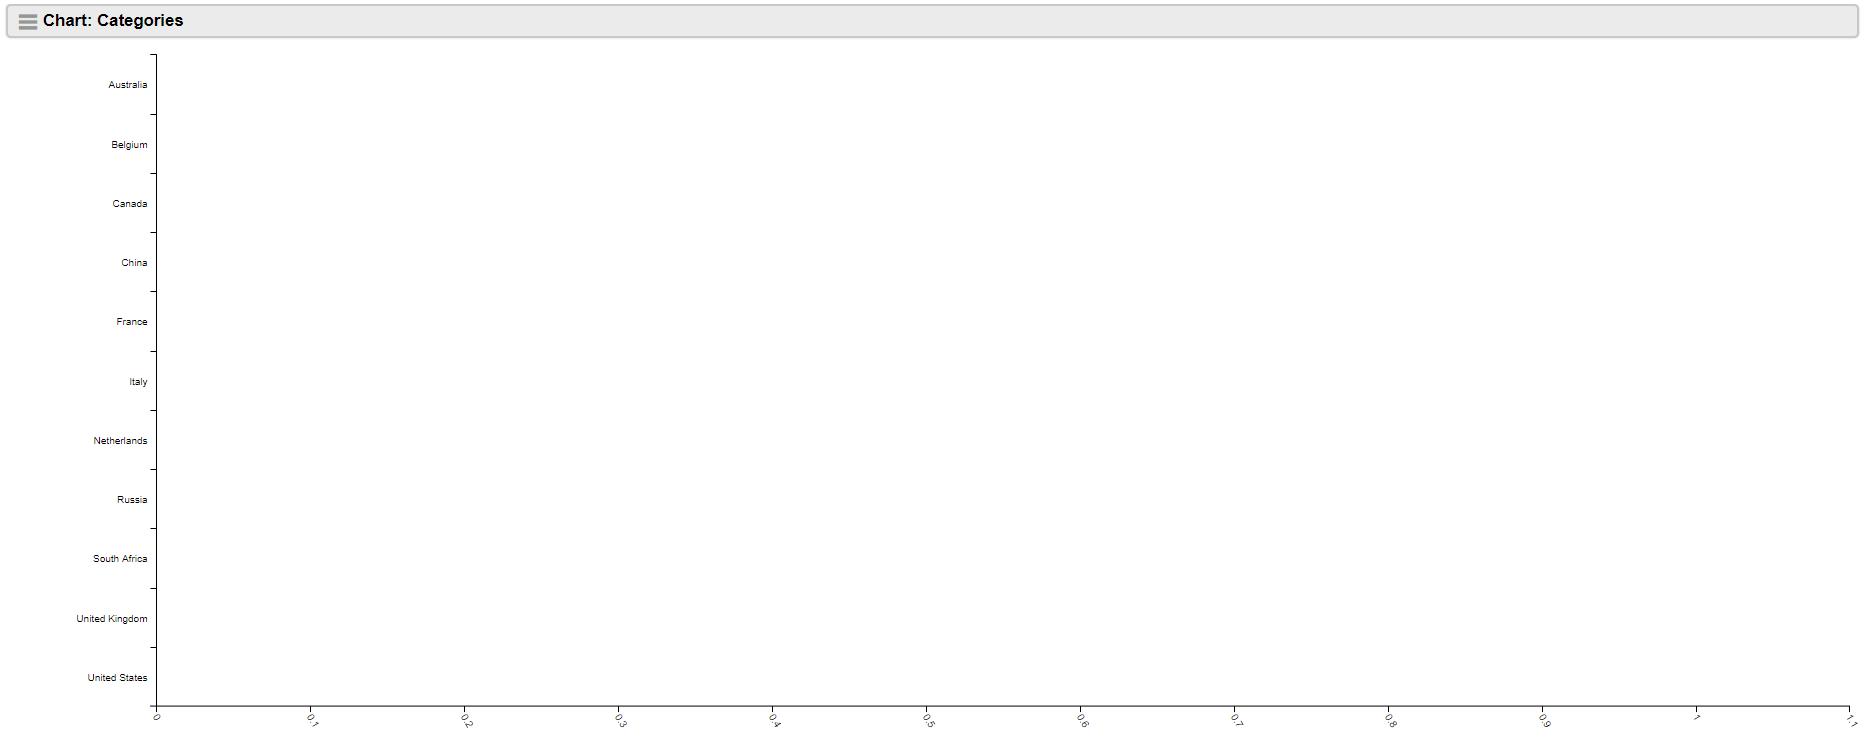 chart-categories-error